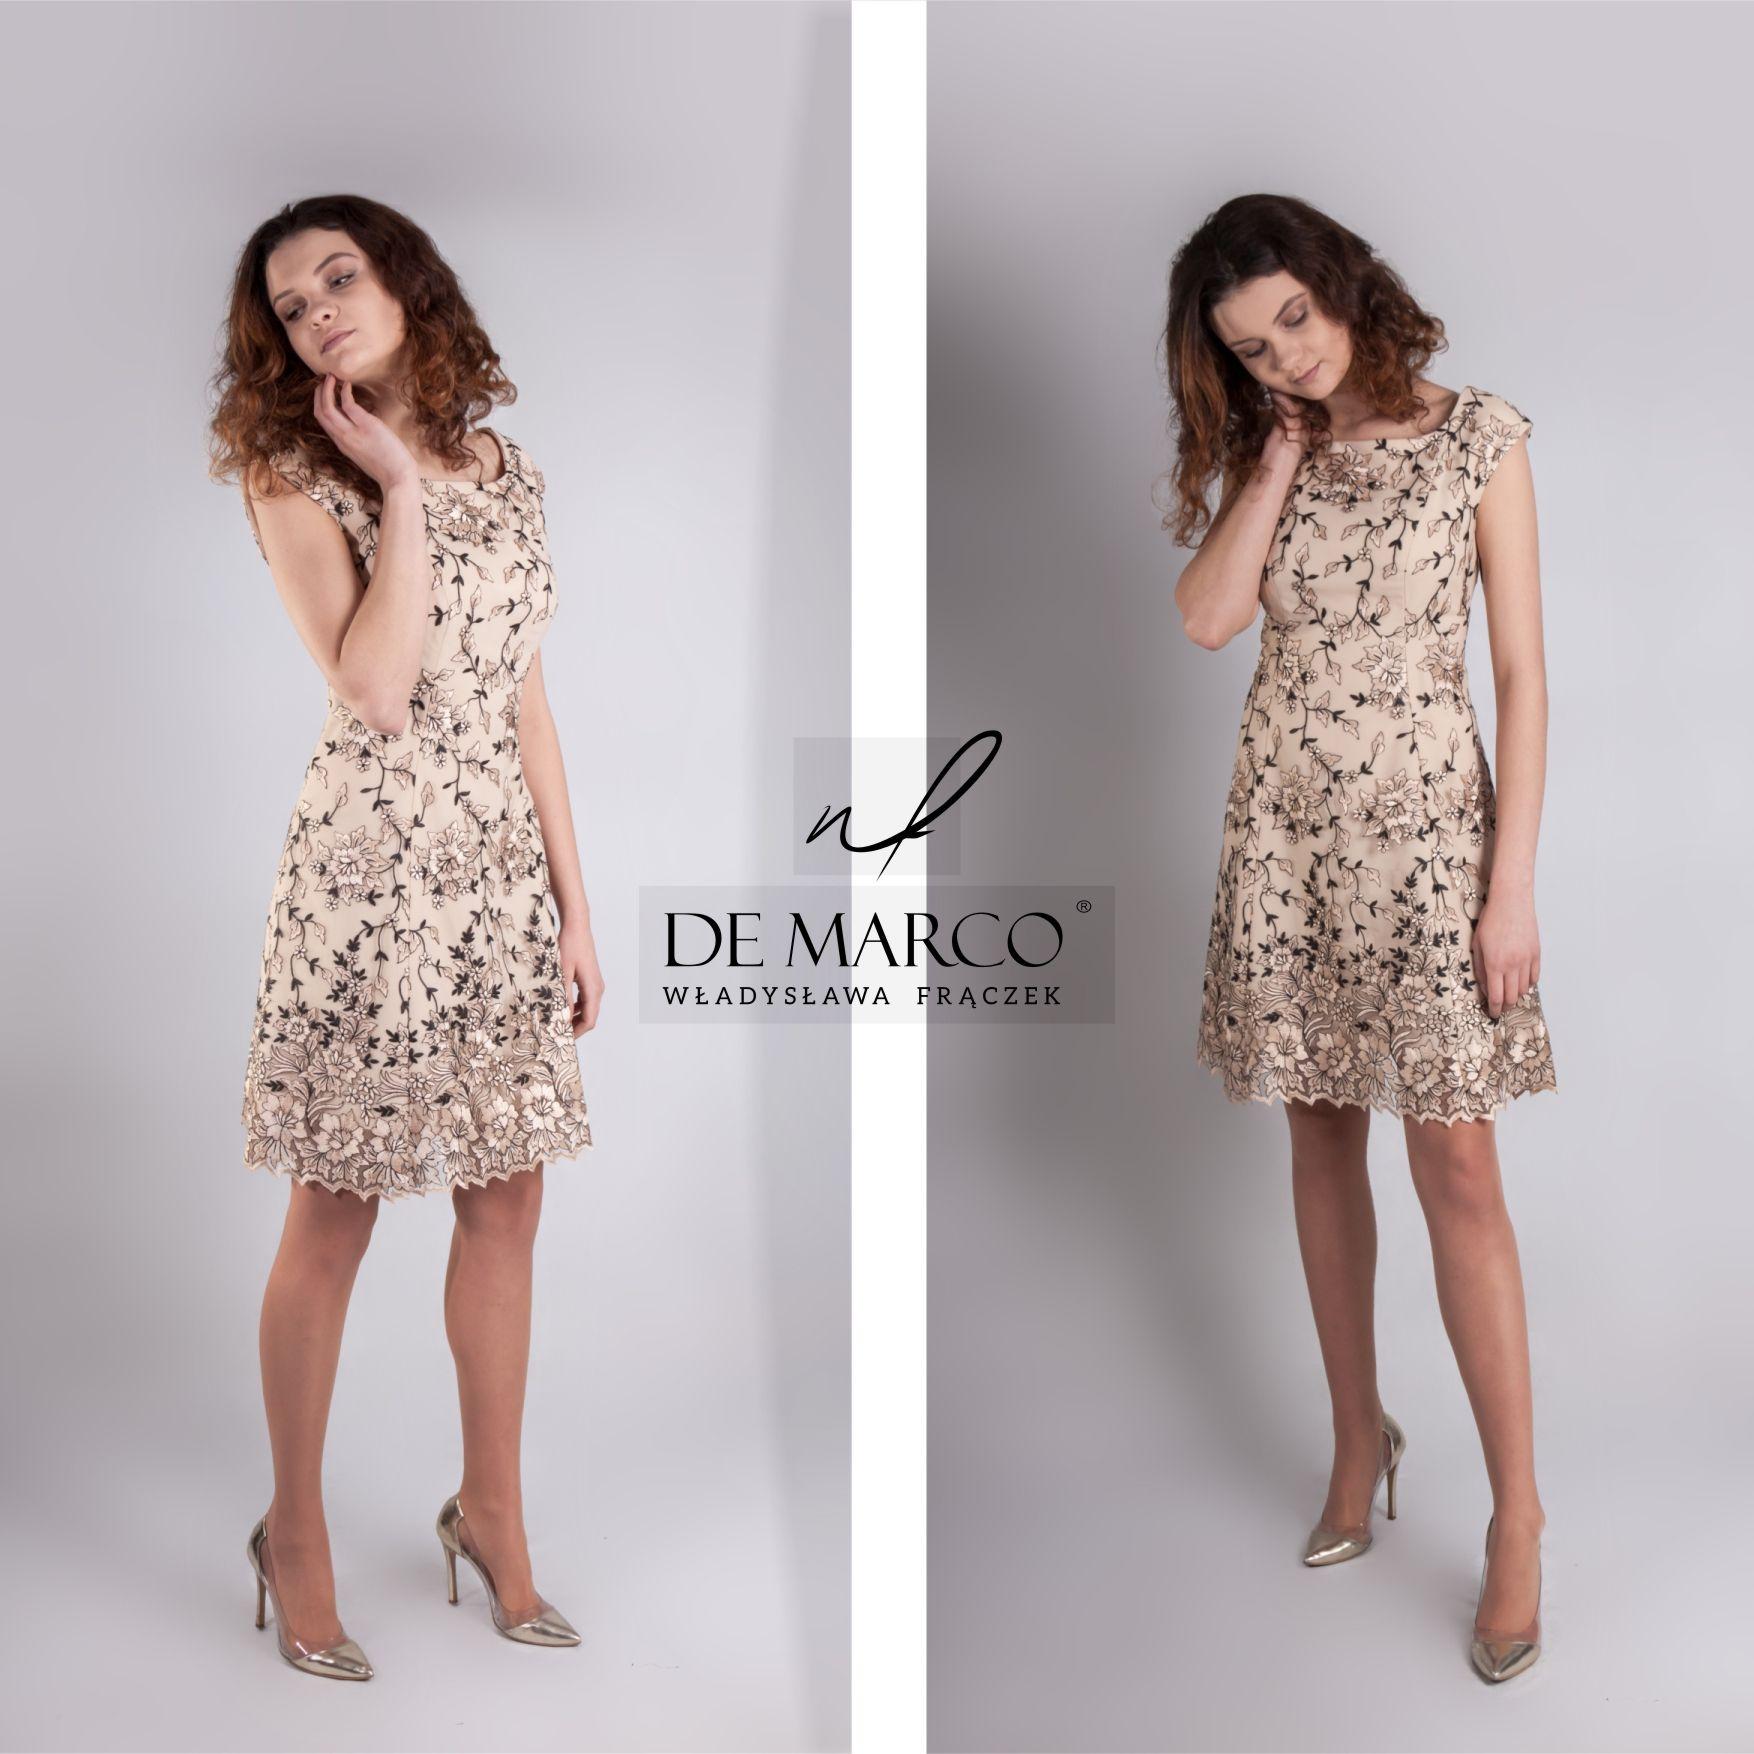 Sukienki Na Wesele Szyte Na Miare W Kazdym Malym I Duzym I Nietypowym Rozmiarze Salon De Marco Summer Dresses Dresses Fashion